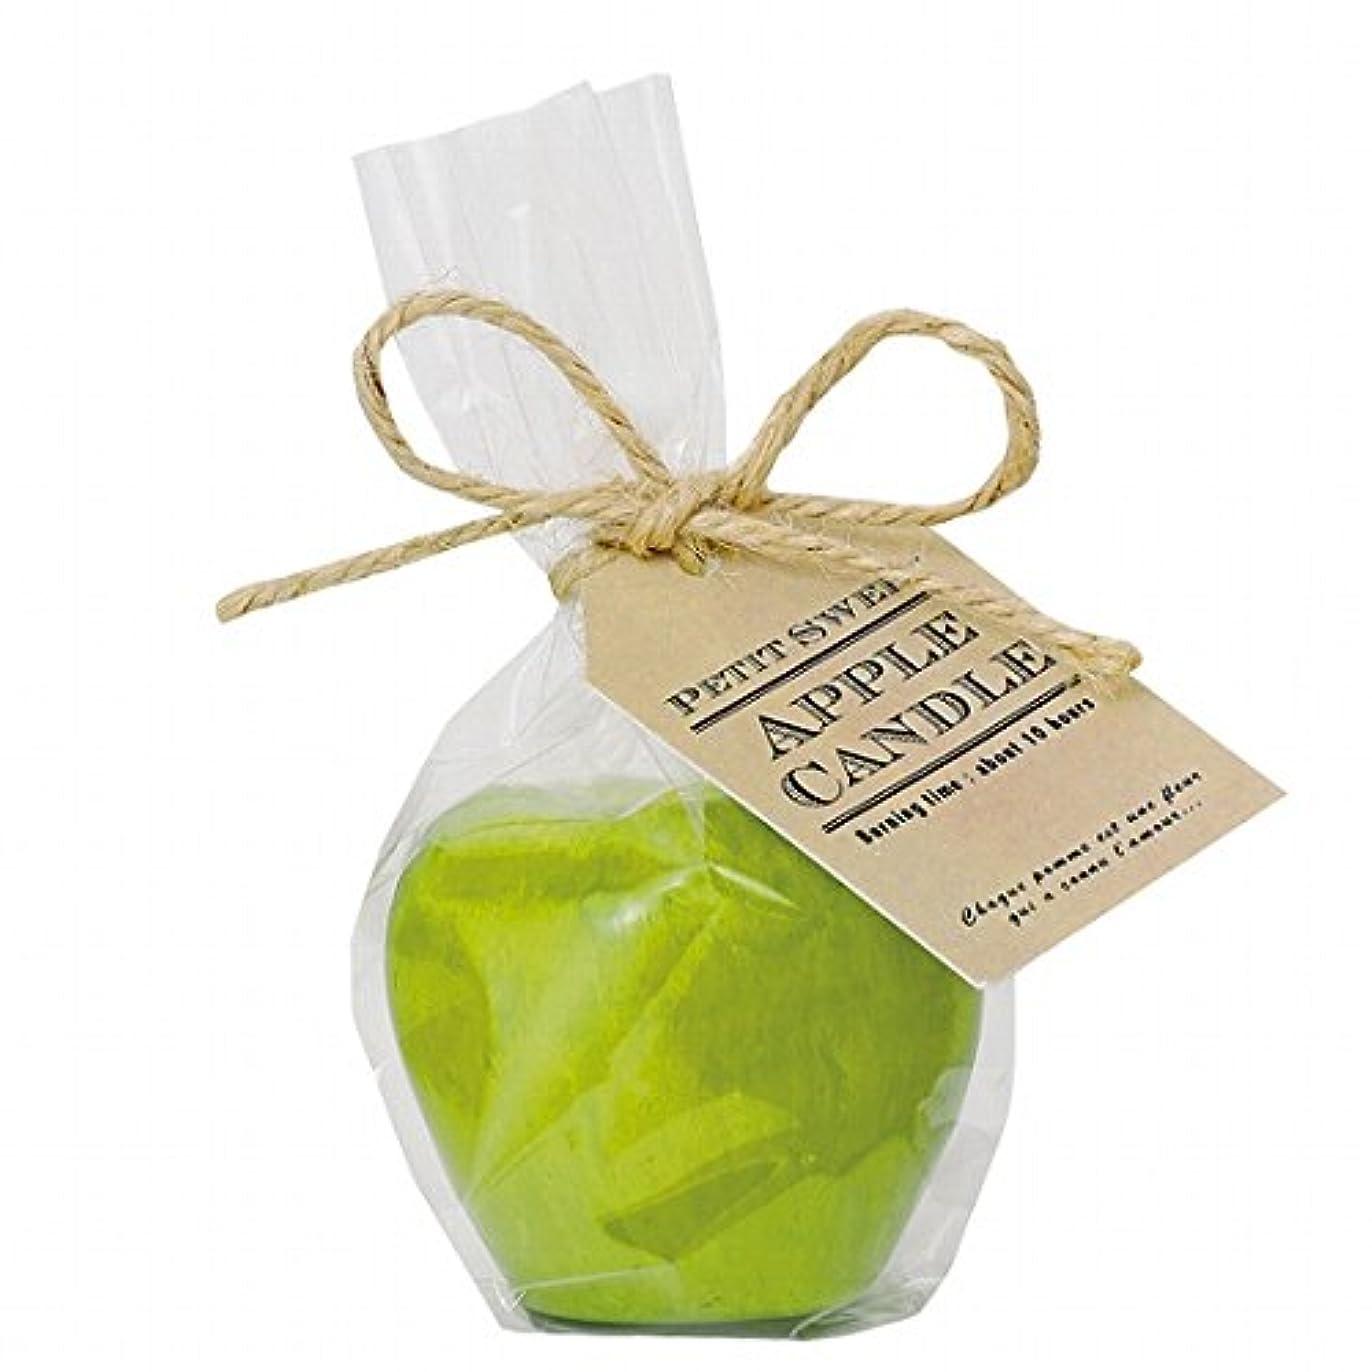 破滅的なおとうさん沼地カメヤマキャンドル(kameyama candle) プチスイートアップルキャンドル 「 グリーン 」